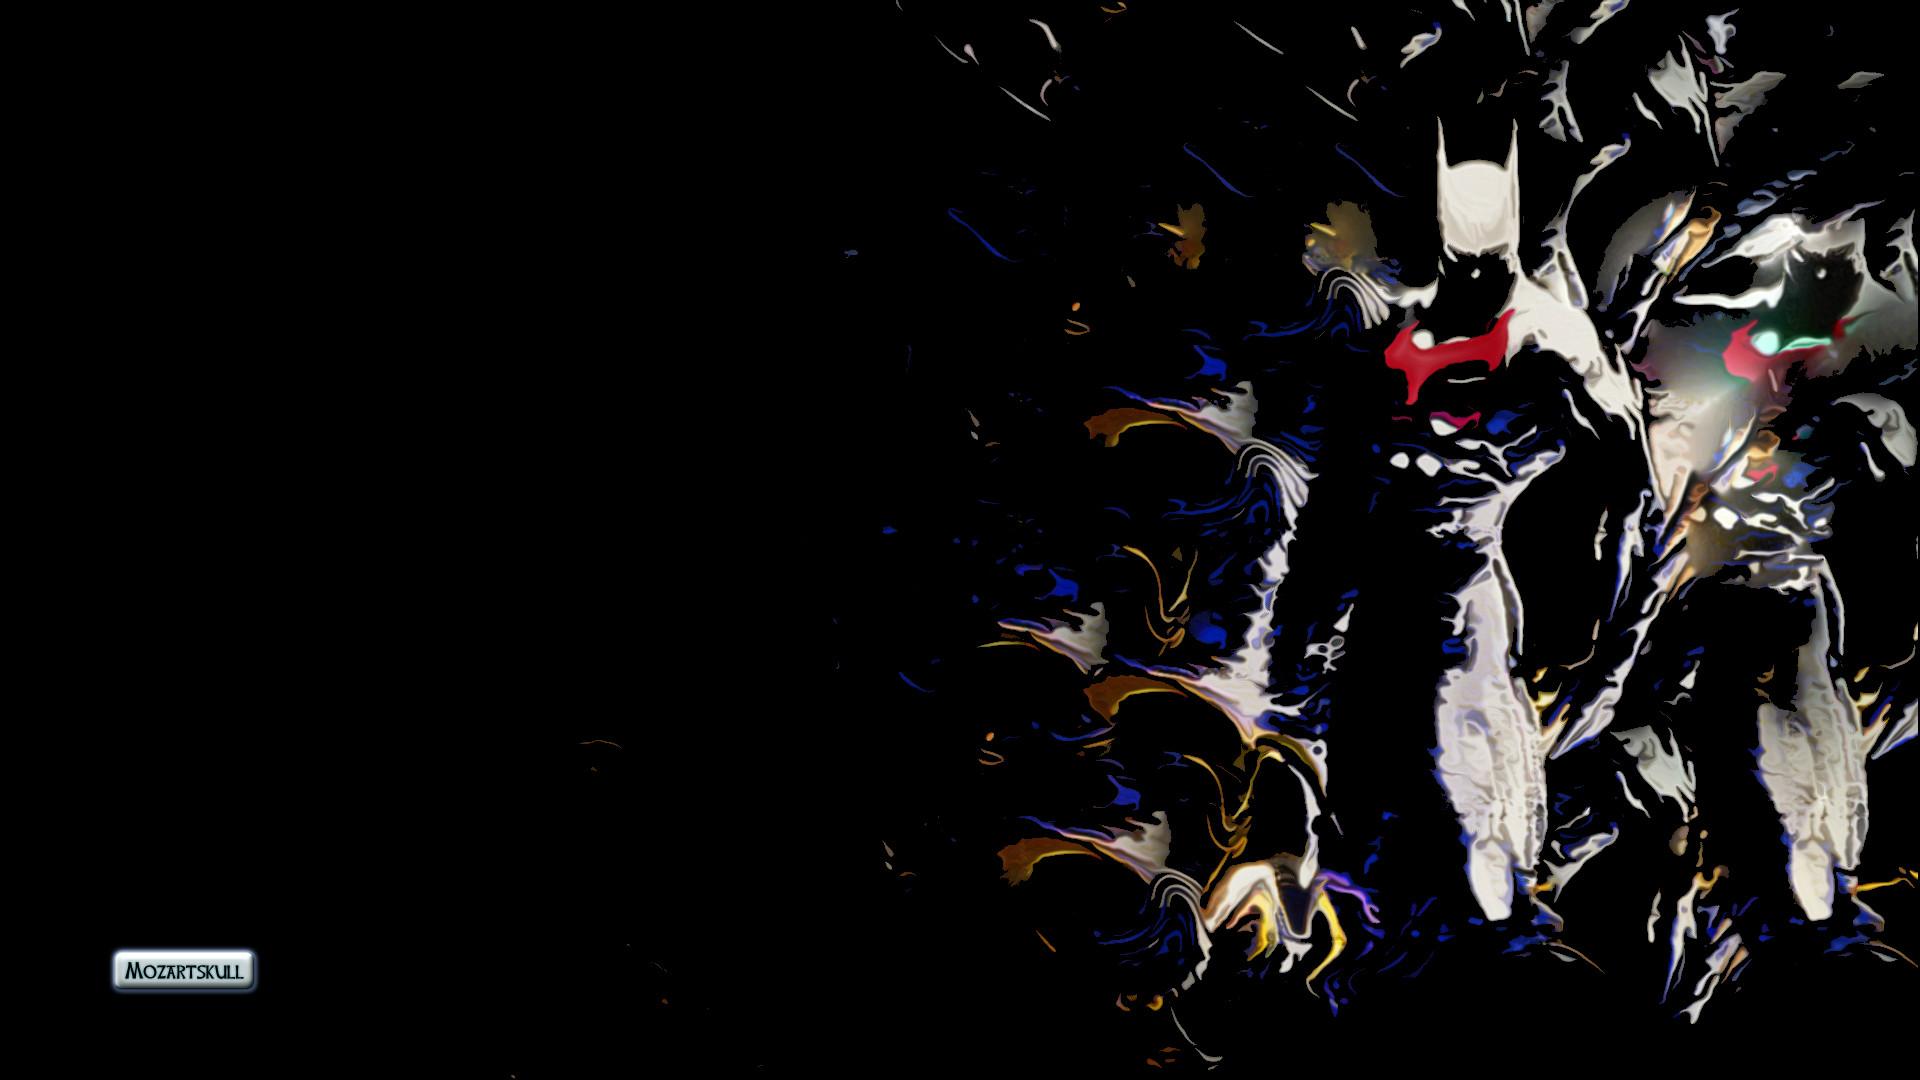 37 Batman Beyond HD Wallpapers   Backgrounds – Wallpaper Abyss